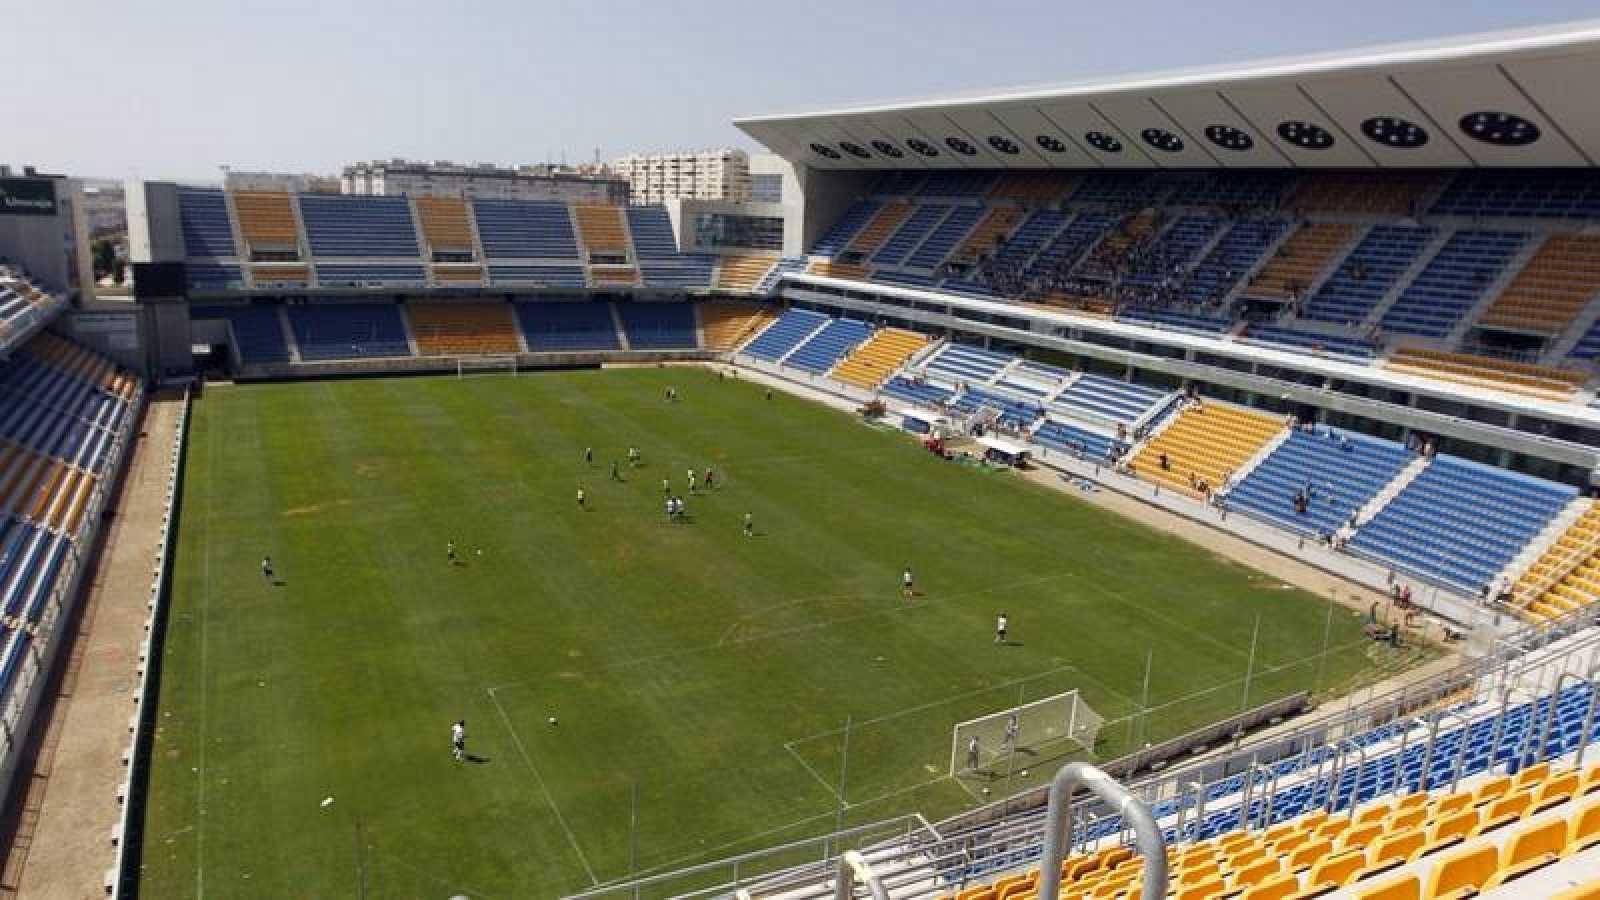 Vista del estadio Ramón de Carranza de Cádiz.